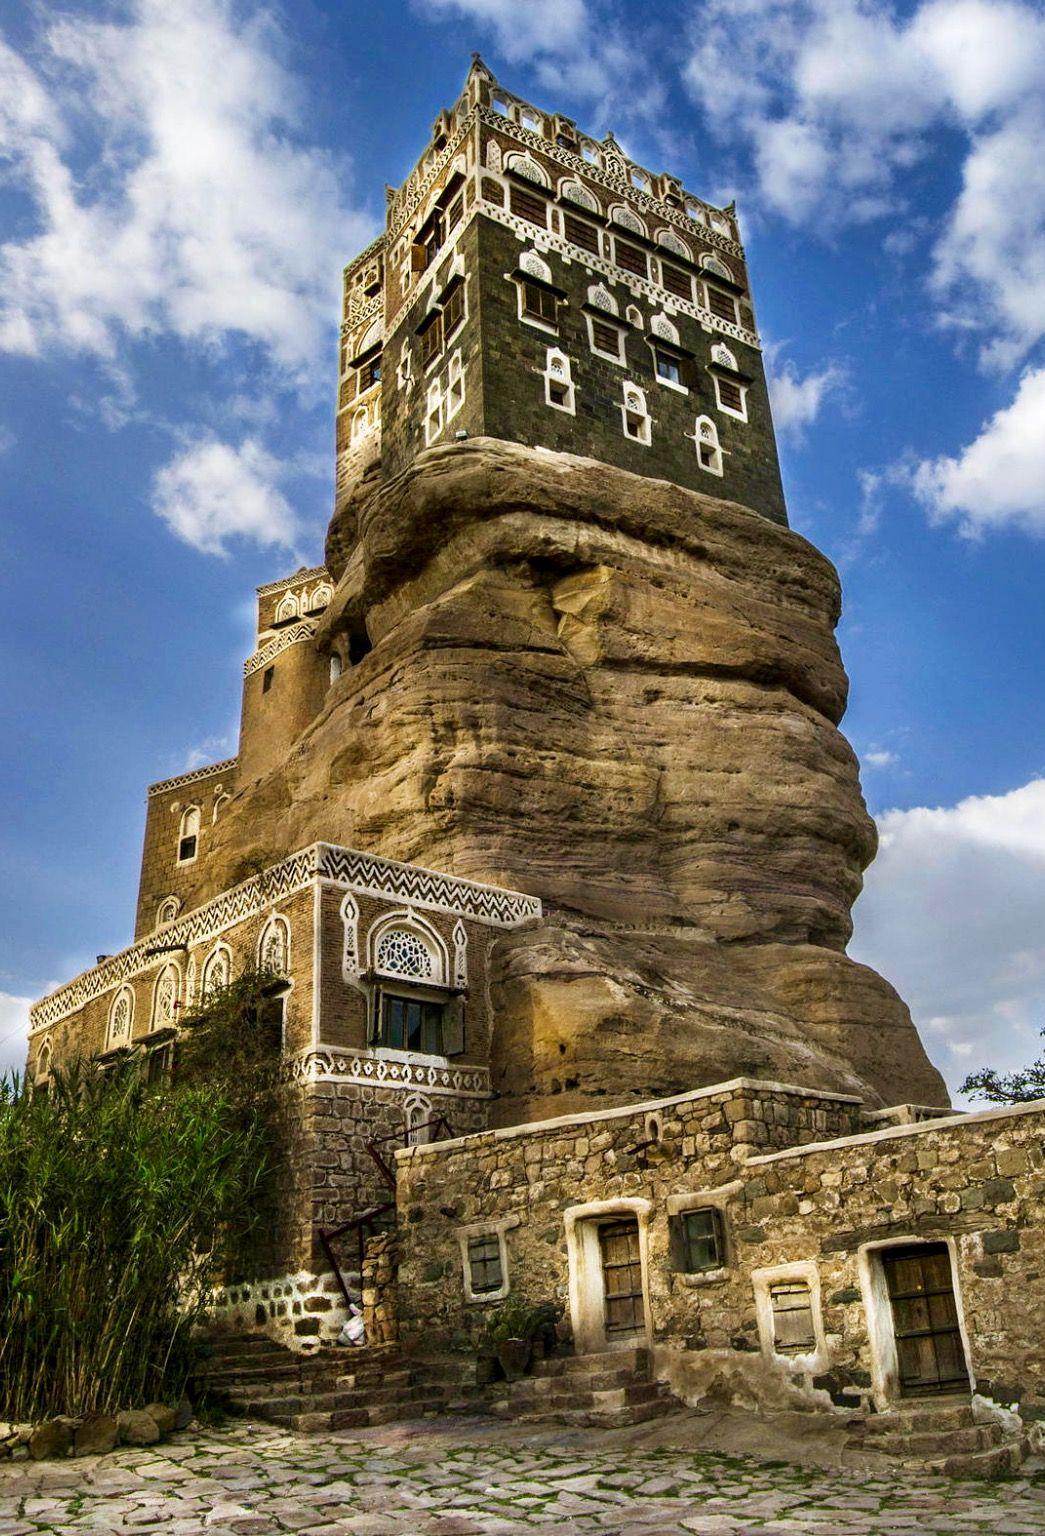 Dar al hajar by suzana zuhairi (Sana'a, Yemen)